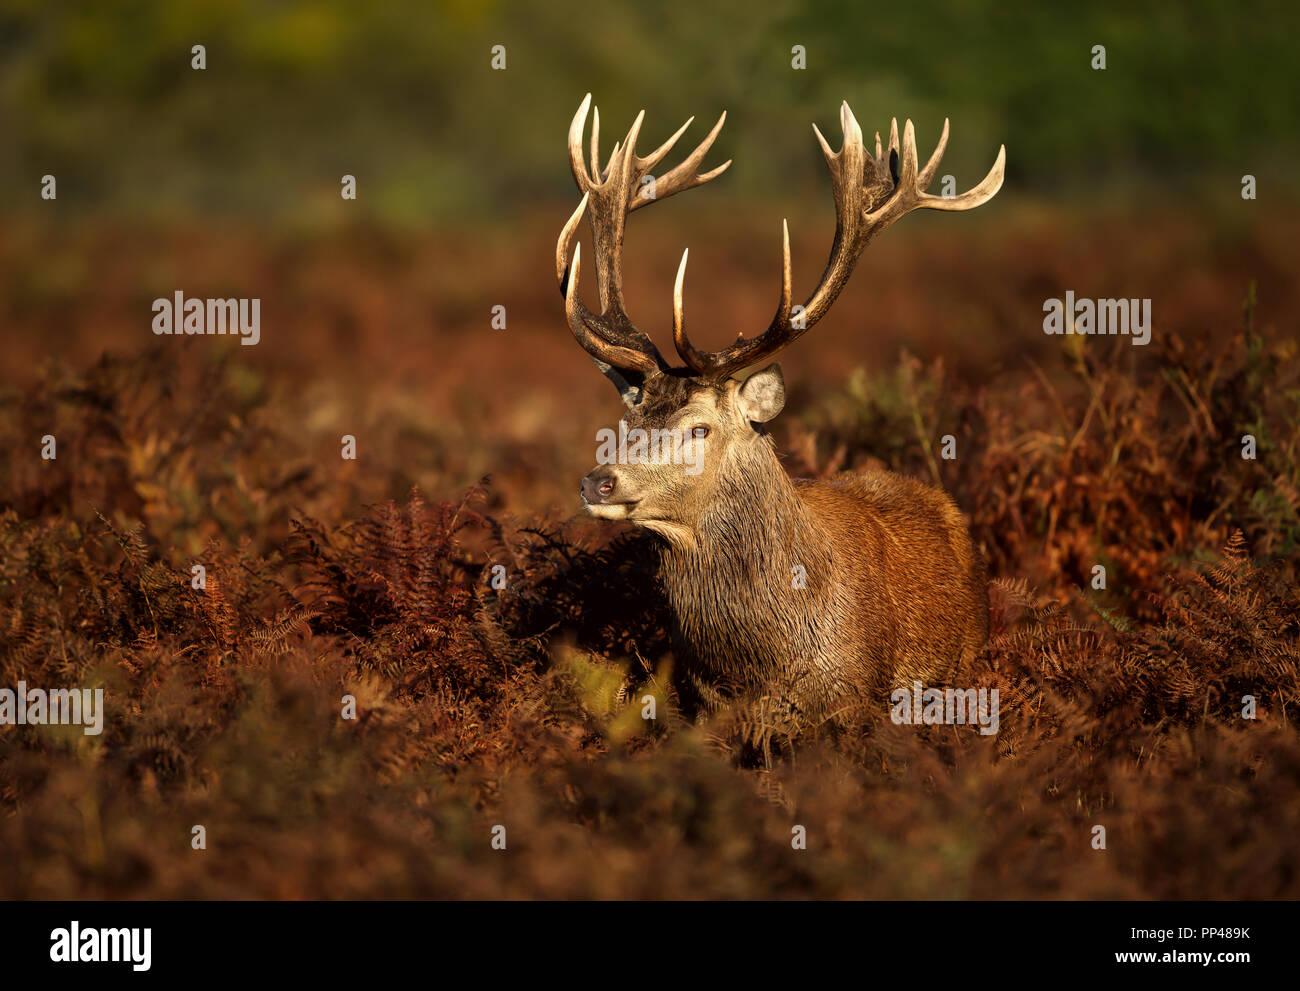 Cierre de un ciervo ciervo de pie en el campo de la fern durante la temporada de celo en otoño, Reino Unido. Foto de stock